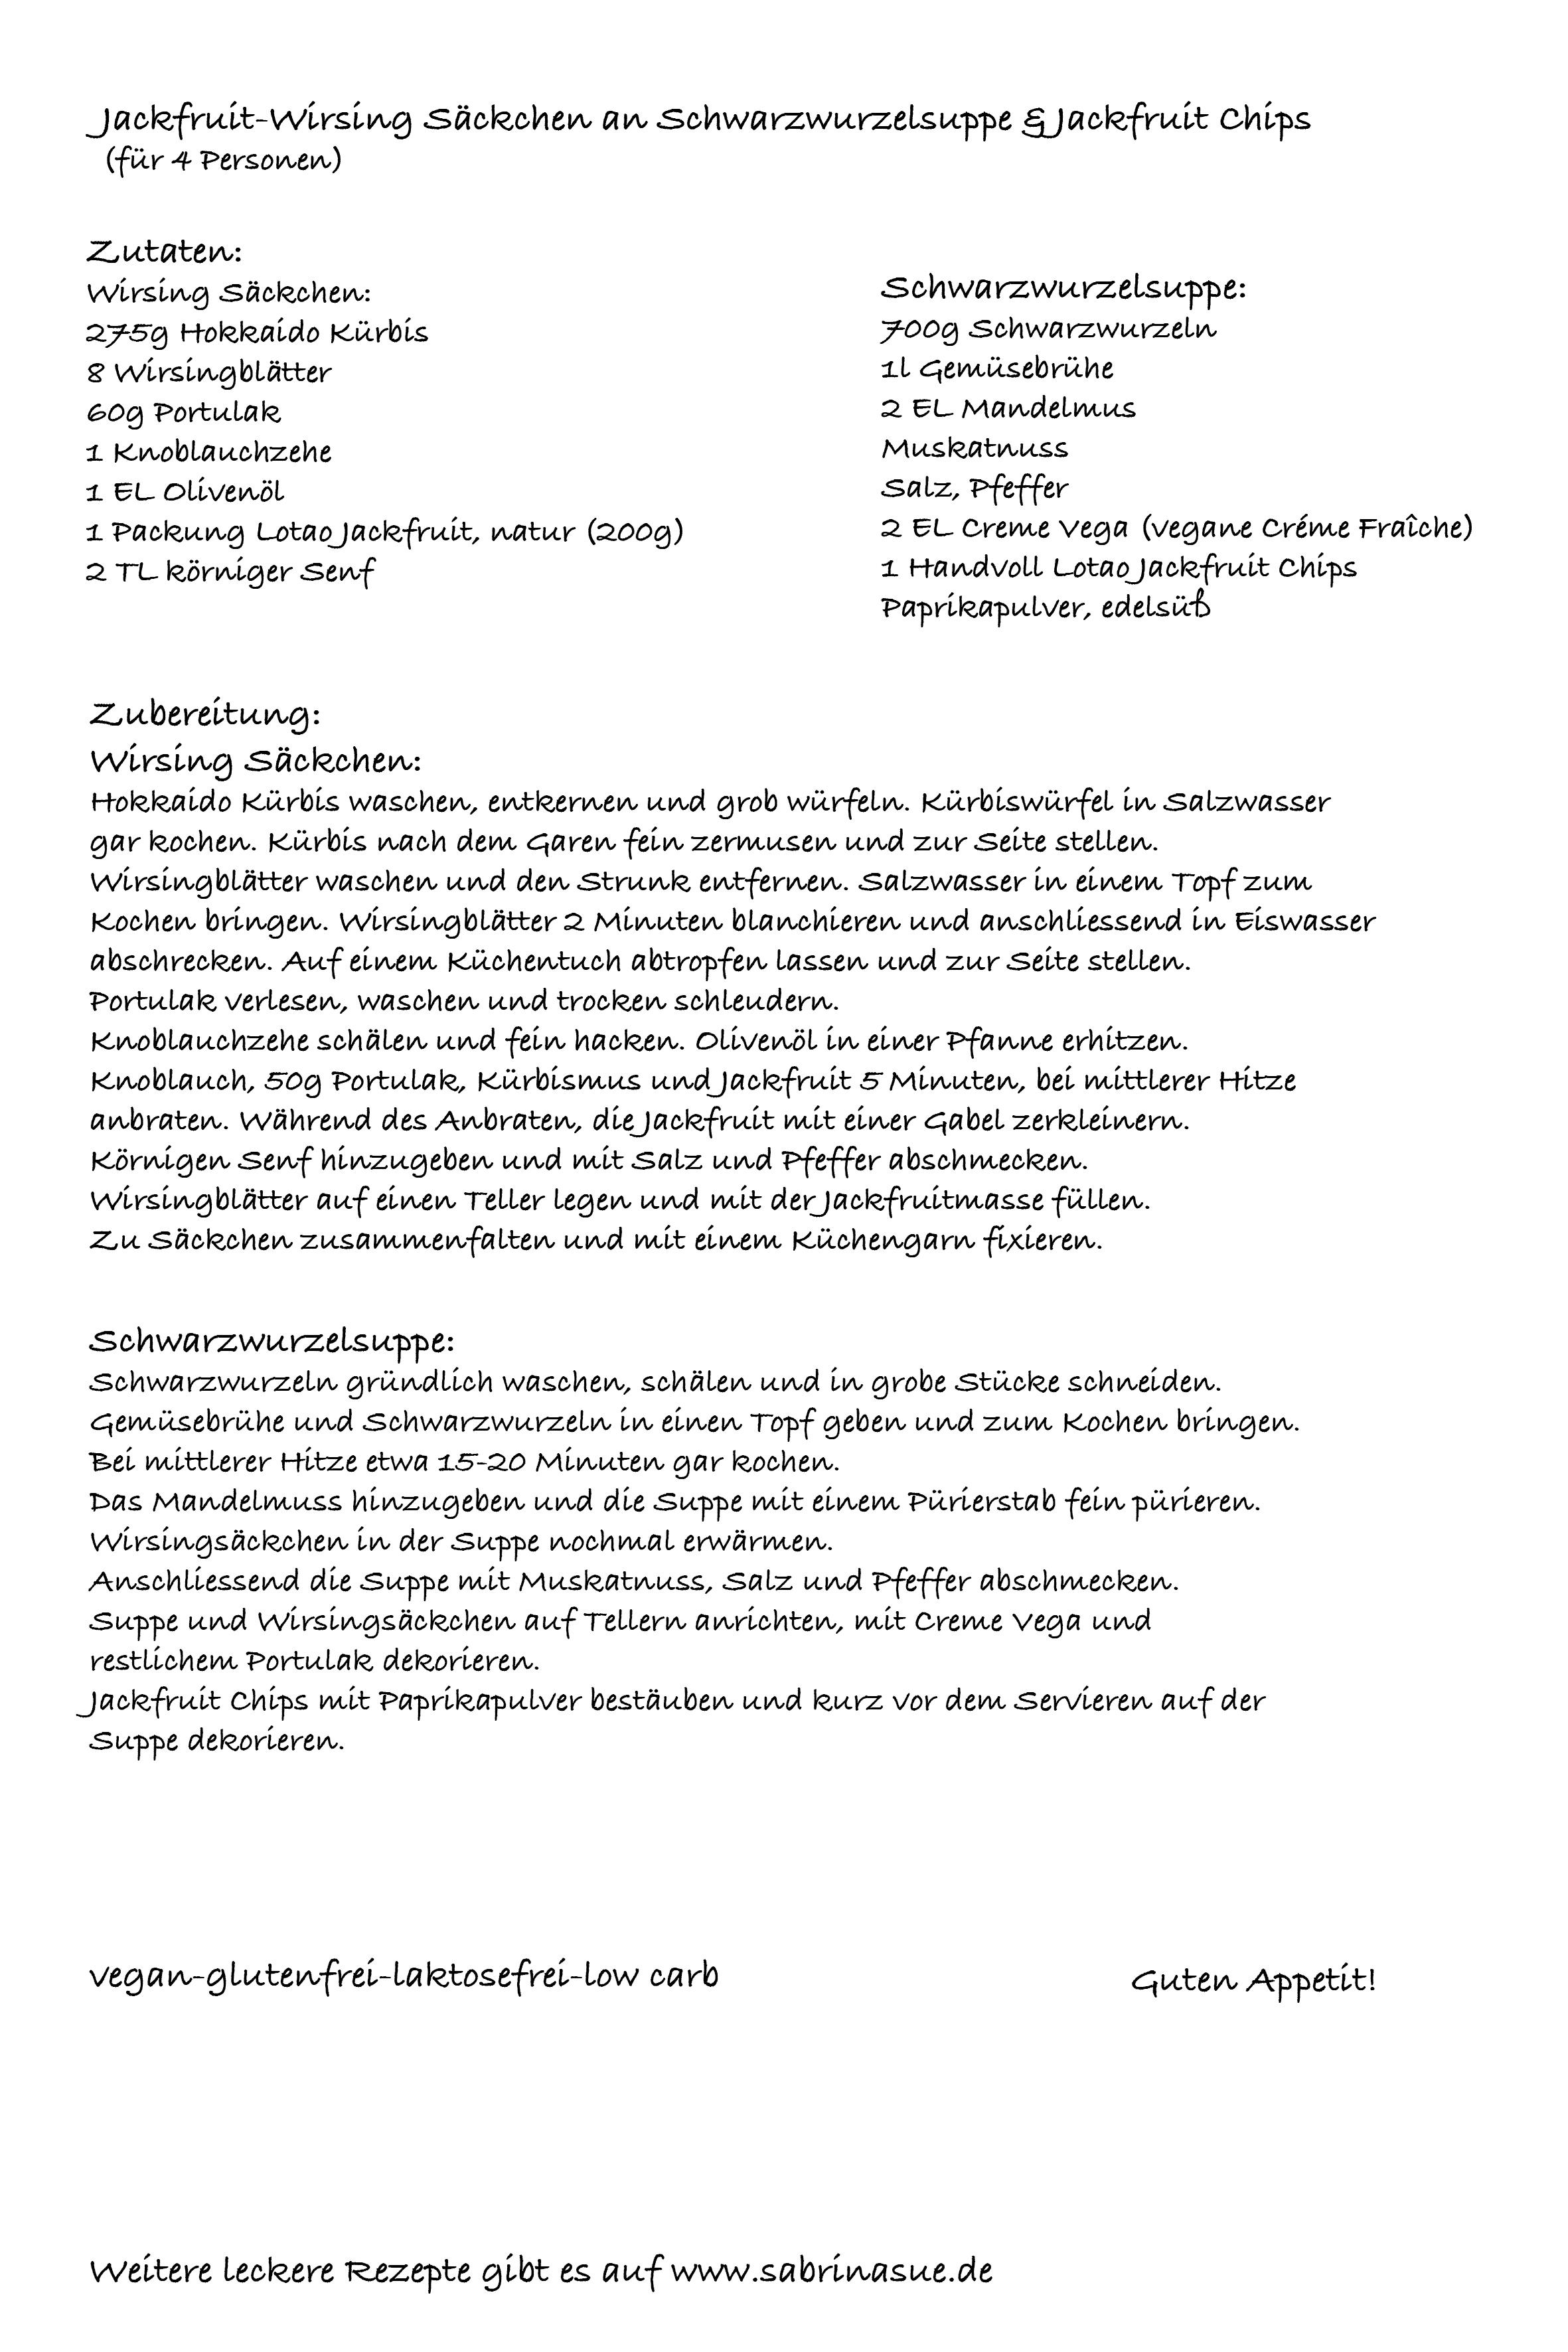 Jackfruit-Wirsing Säckchen an Schwarzwurzelsuppe